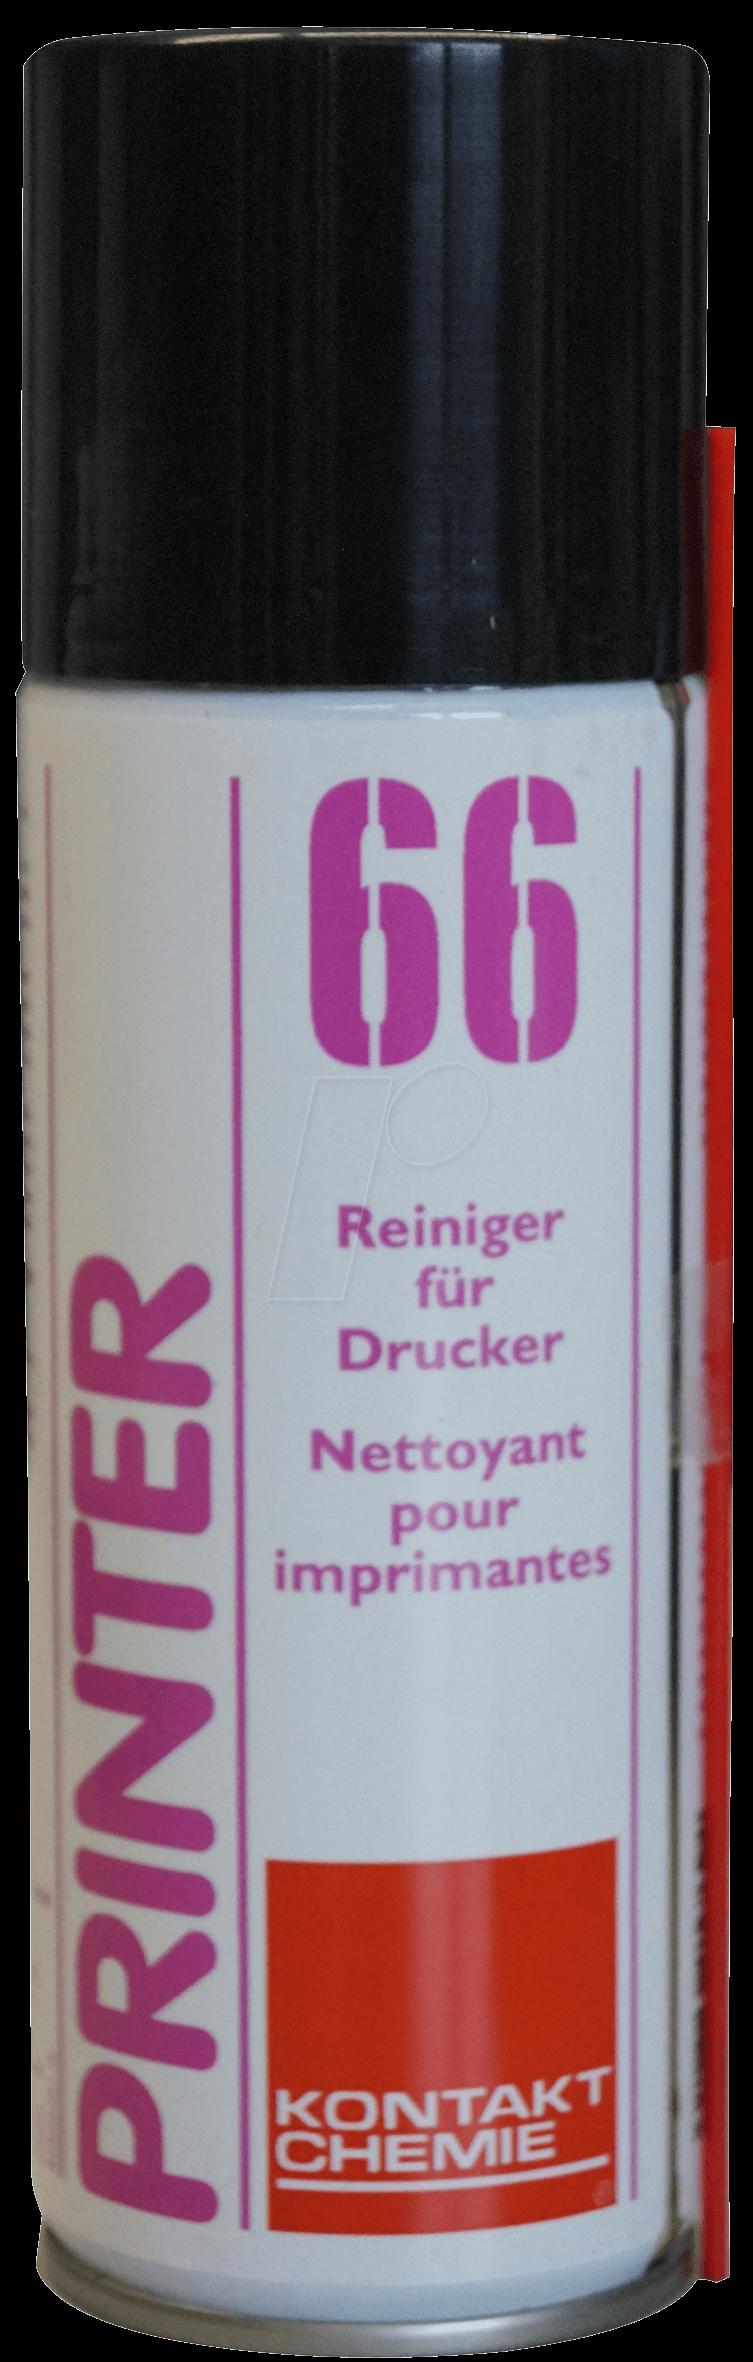 https://cdn-reichelt.de/bilder/web/xxl_ws/X200/KON239.png